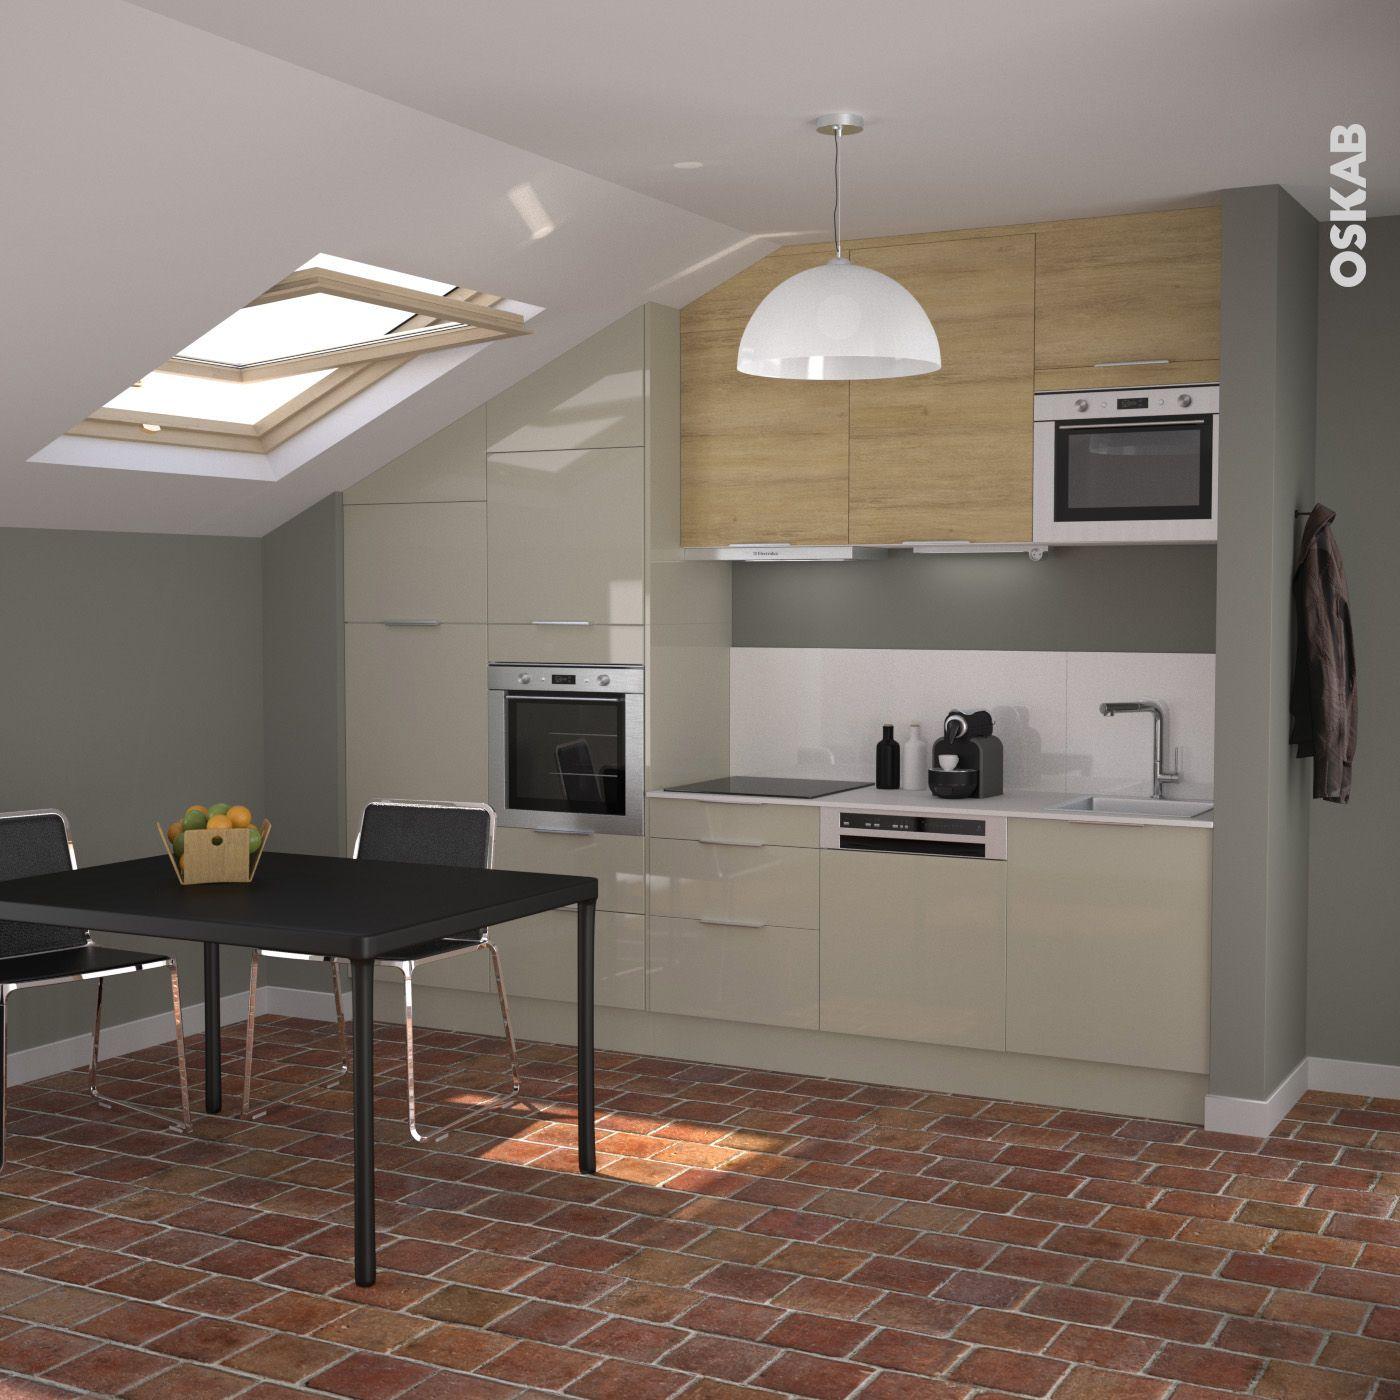 D co cuisine design bicolore d cor argile et bois ch ne for Cuisine inox design